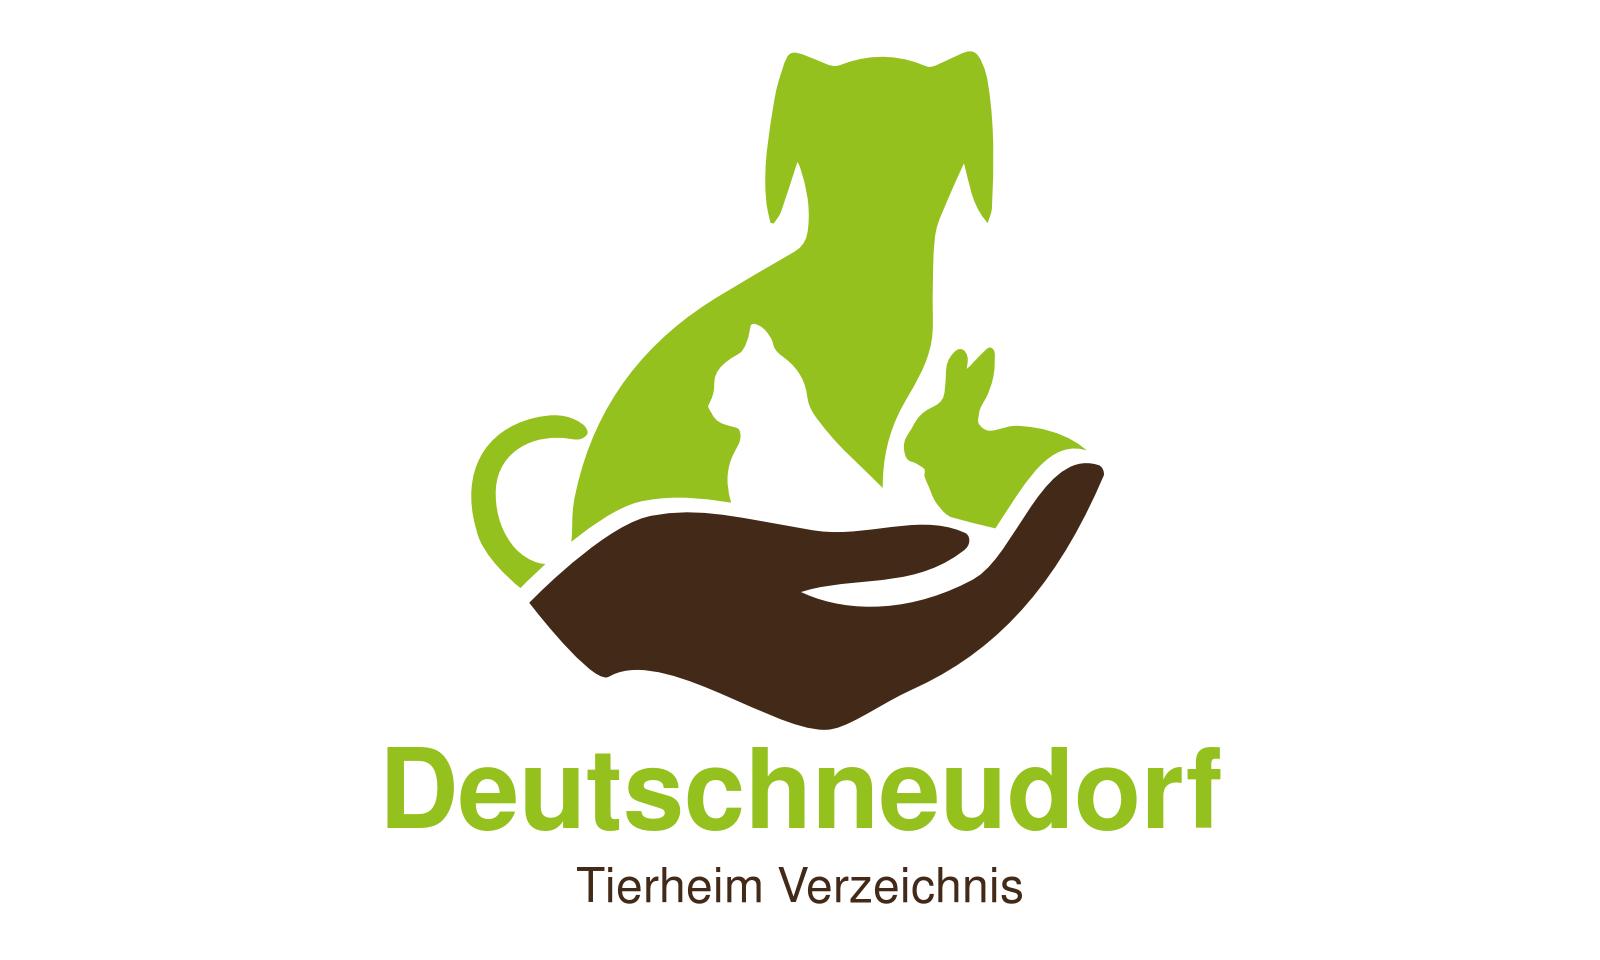 Tierheim Deutschneudorf